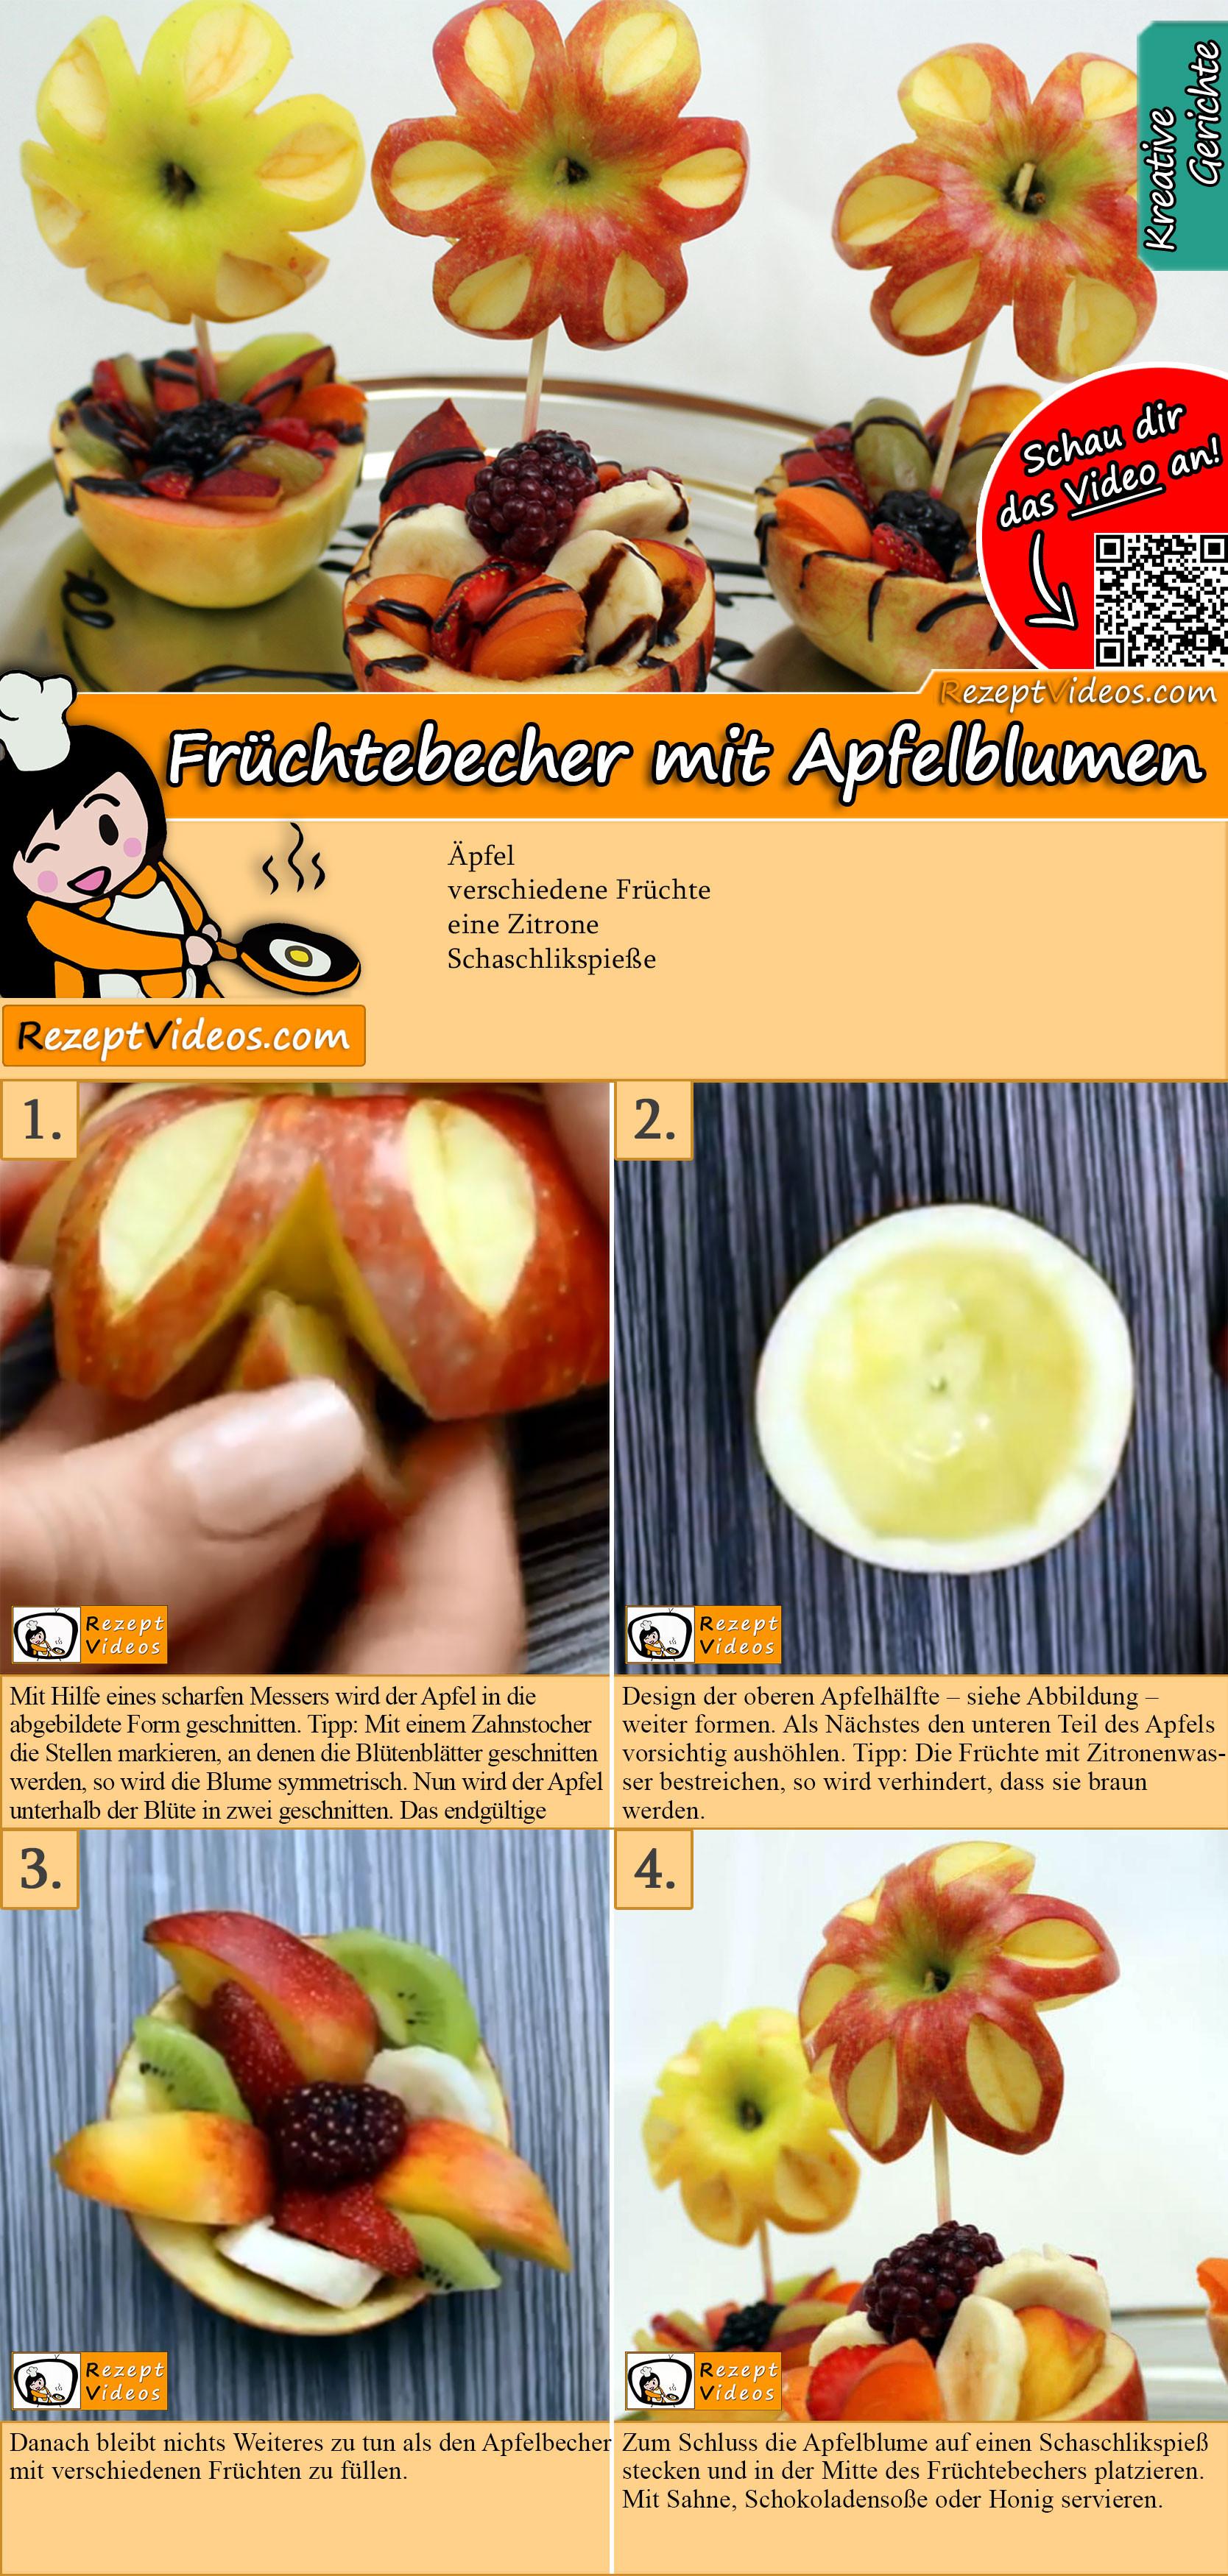 Früchtebecher mit Apfelblumen Rezept mit Video